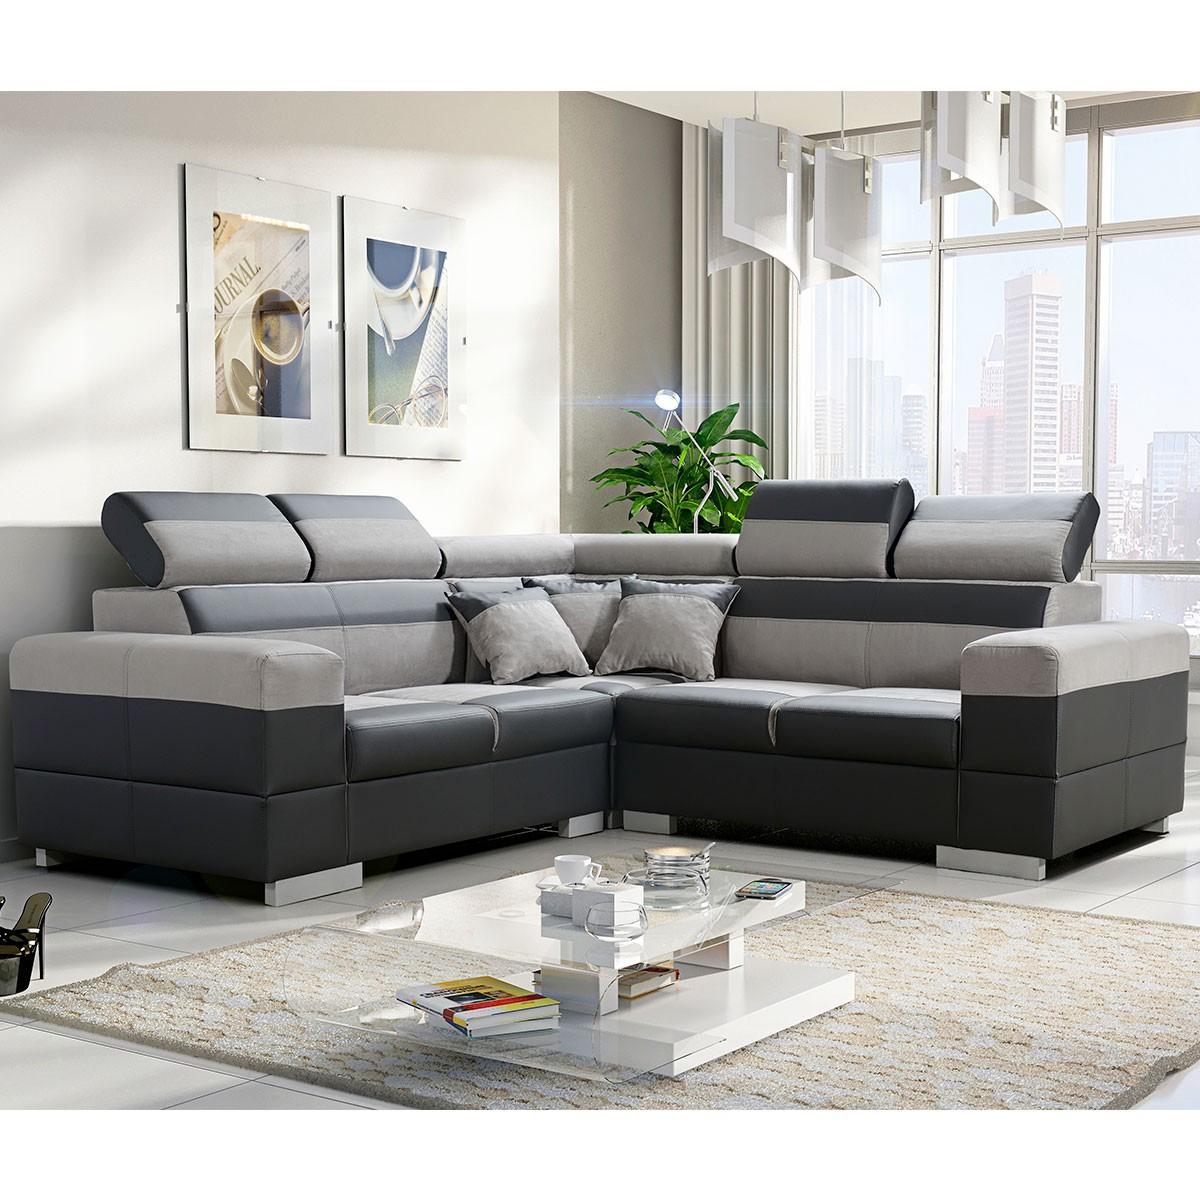 Canapé d angle réversible tissu gris polyester PVC